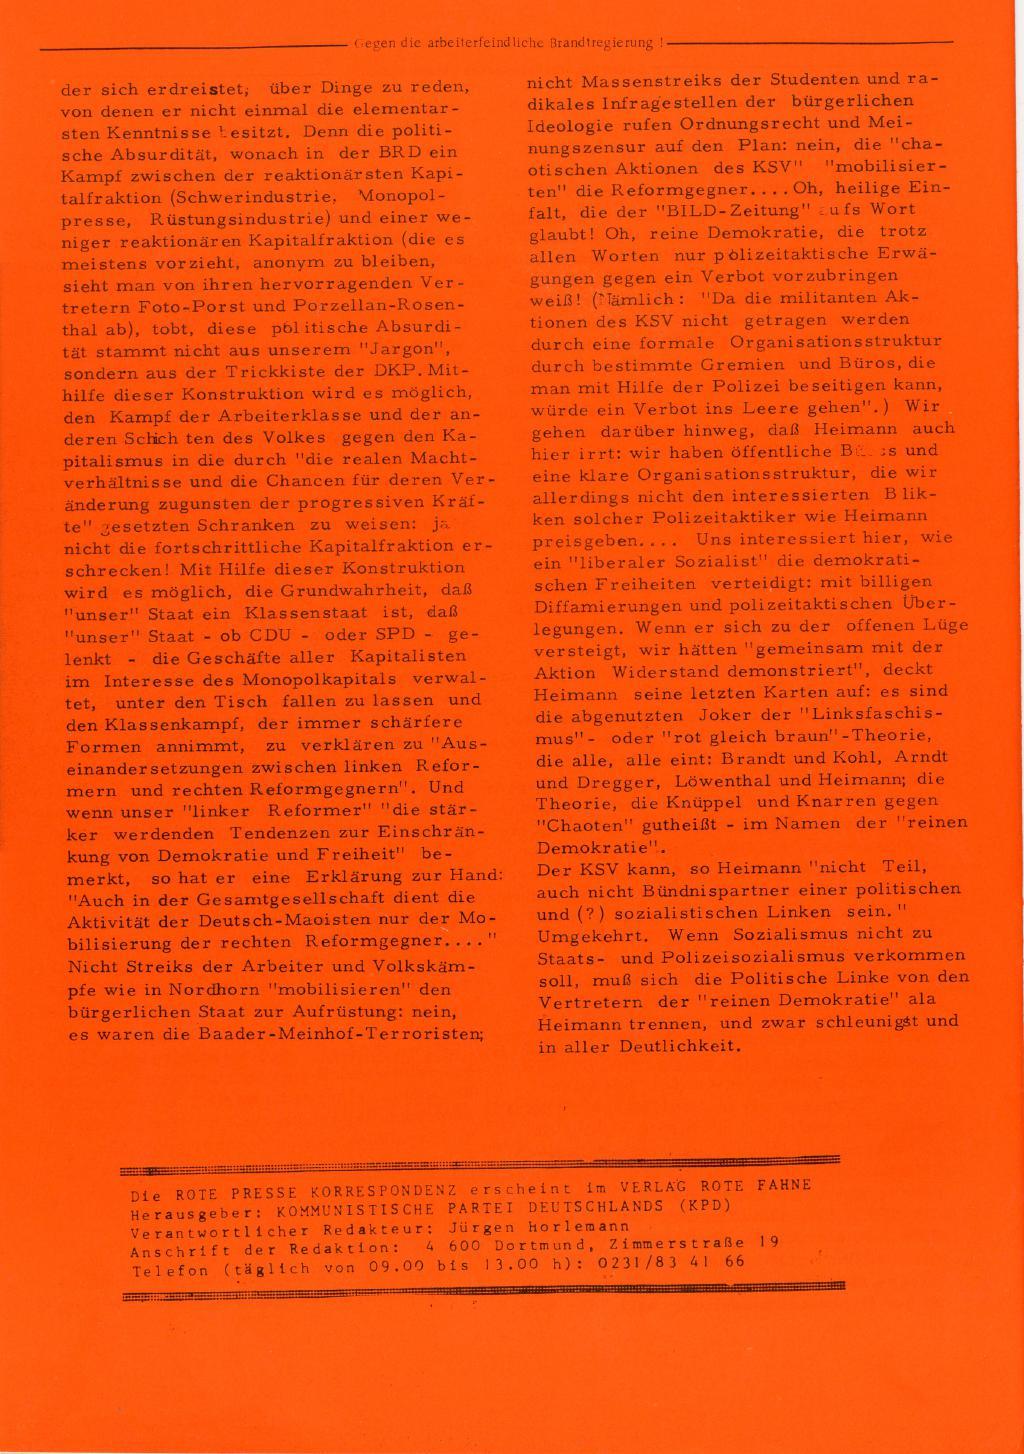 RPK_1974_11_20